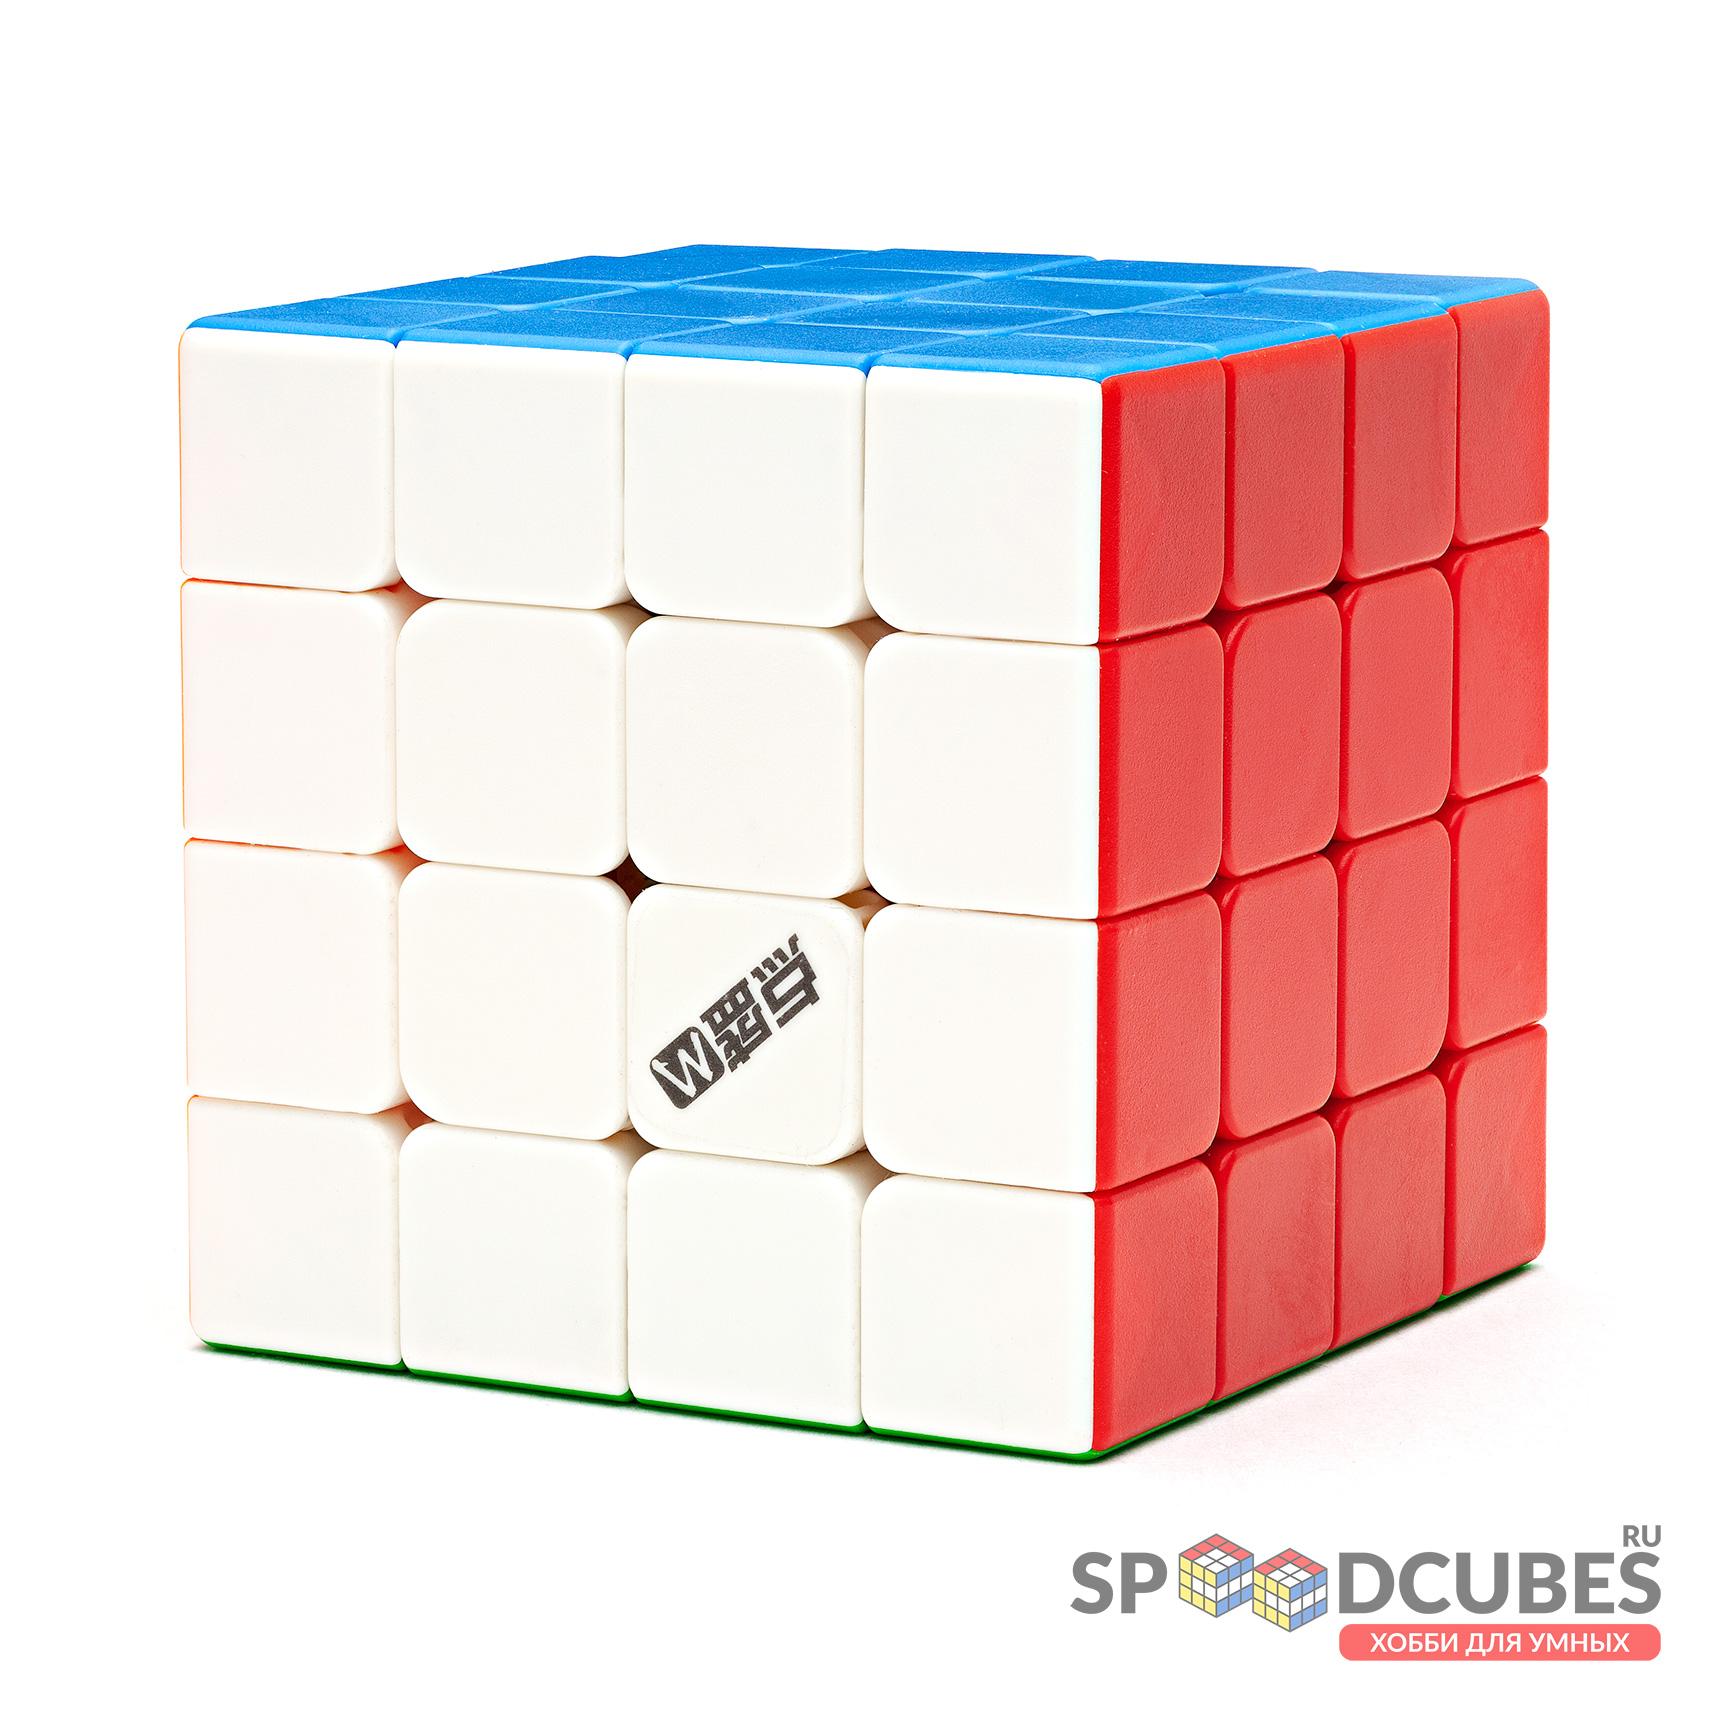 DianSheng 4x4 M